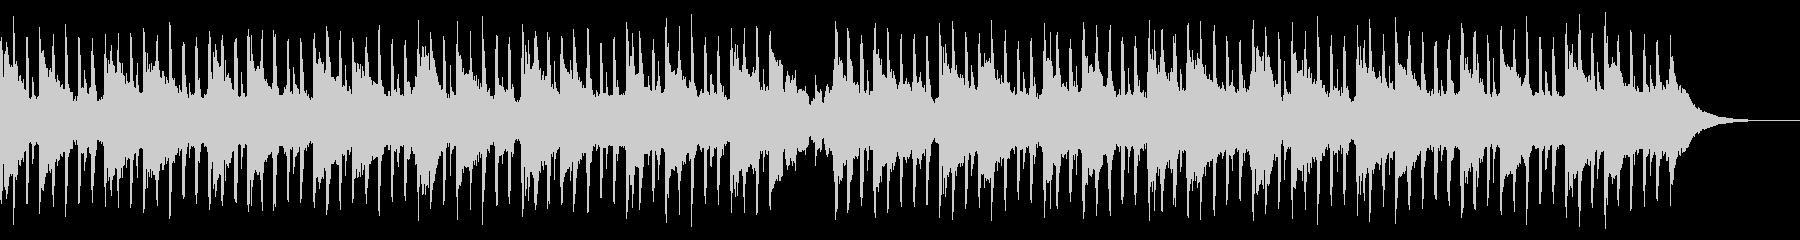 科学音楽(中)の未再生の波形